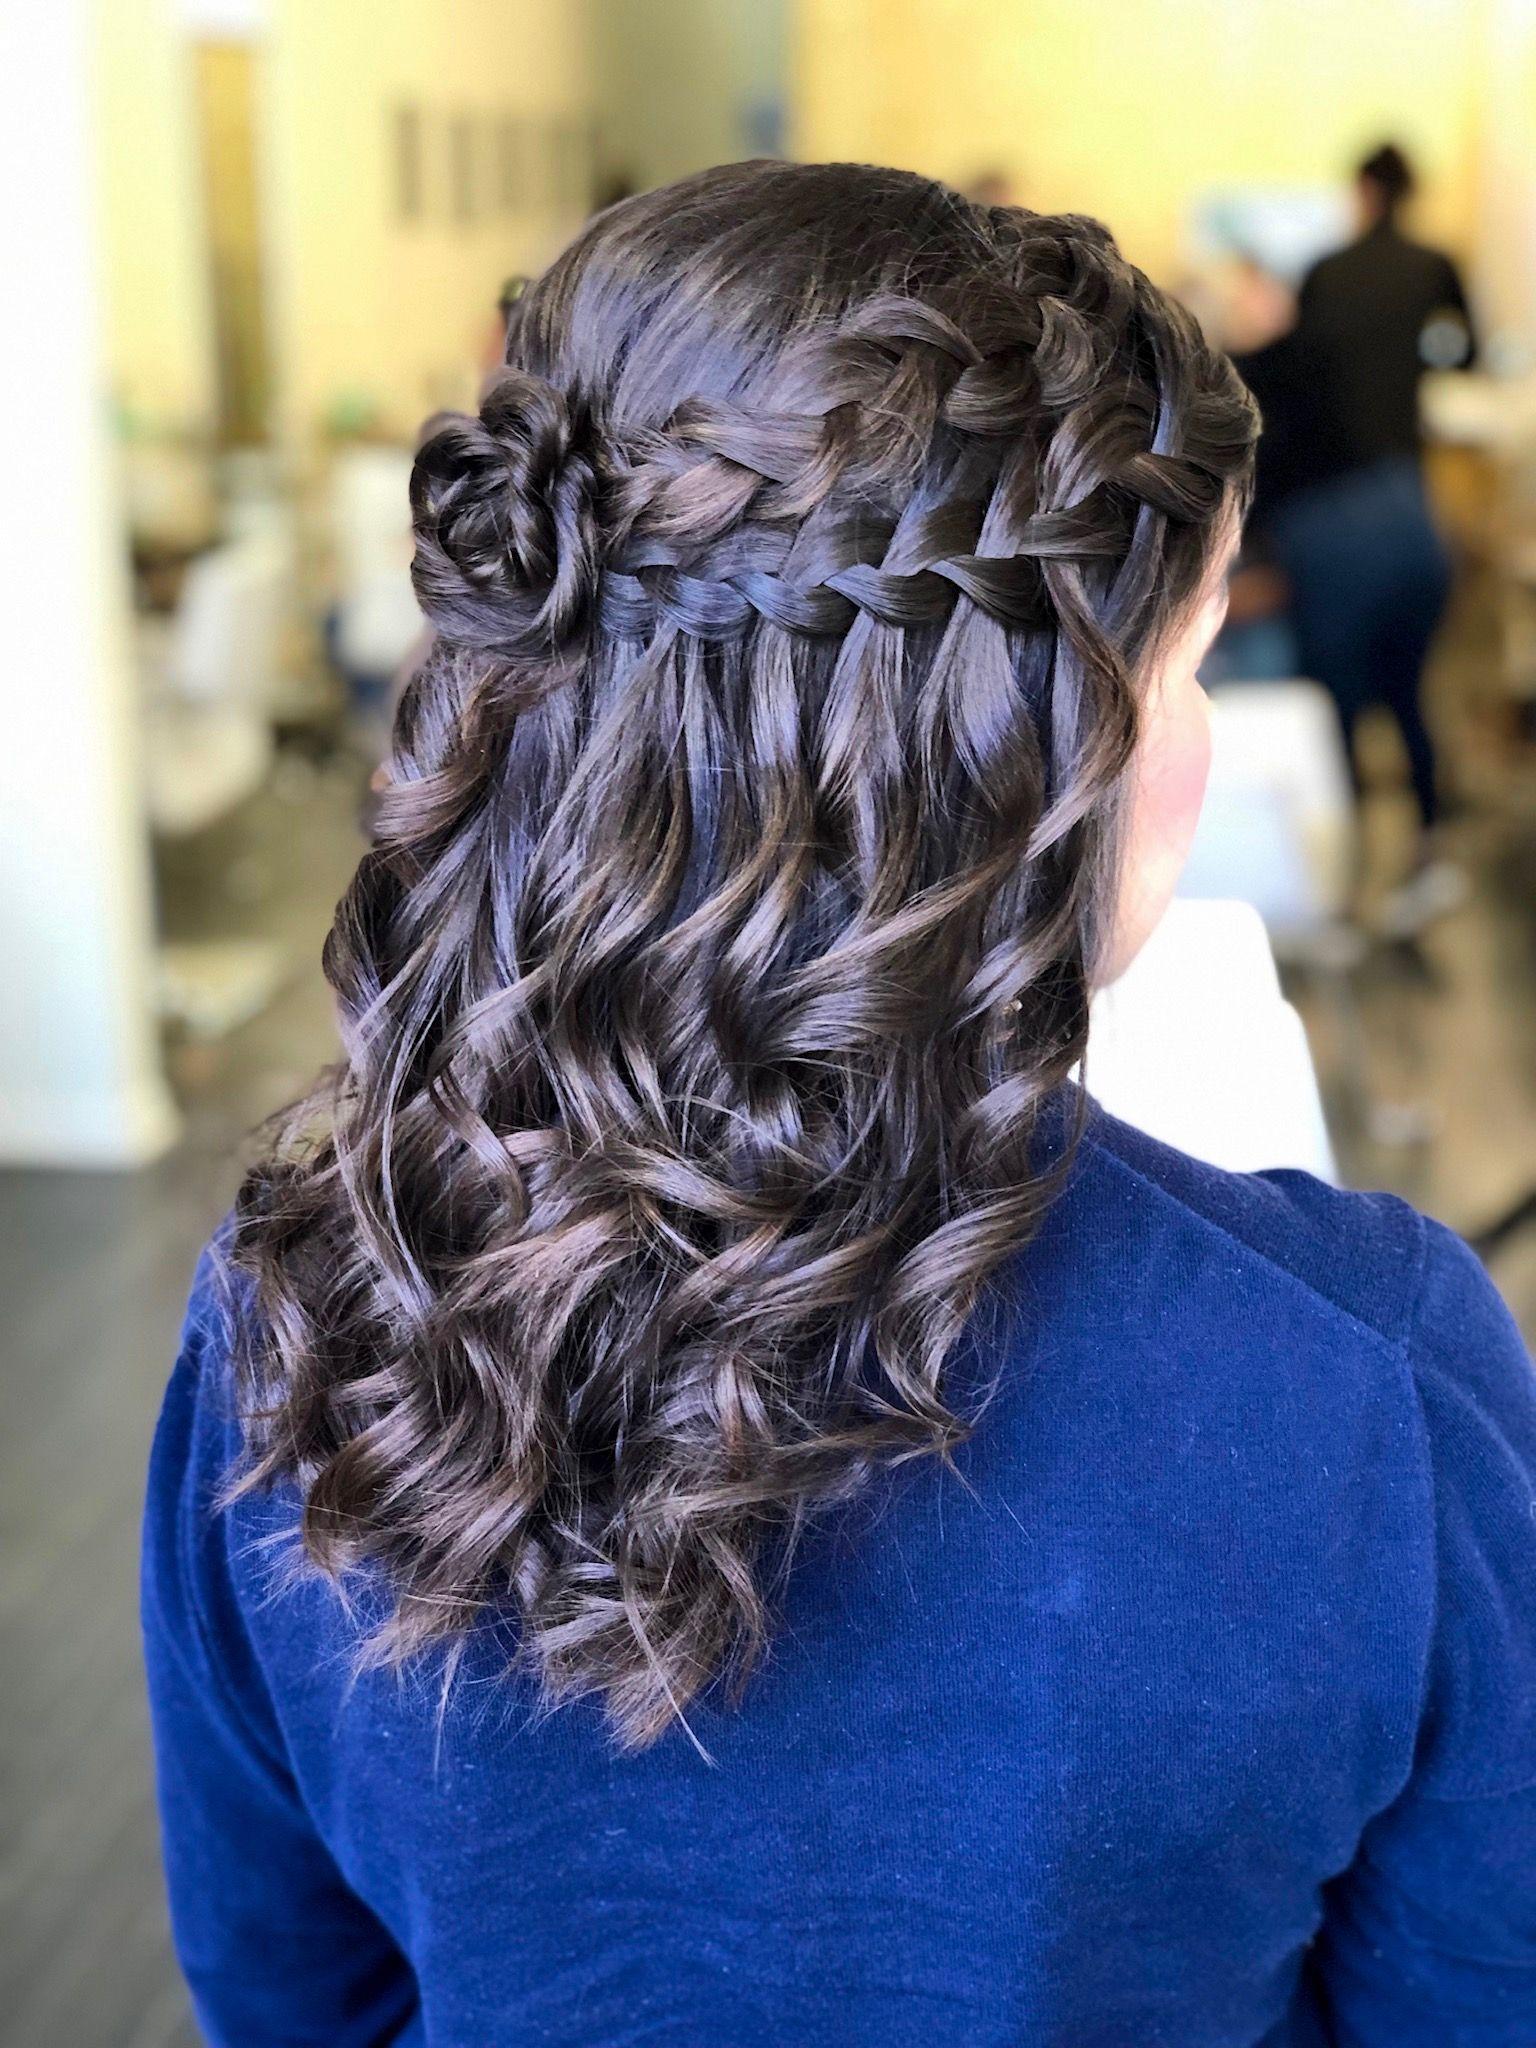 texture braids hair style